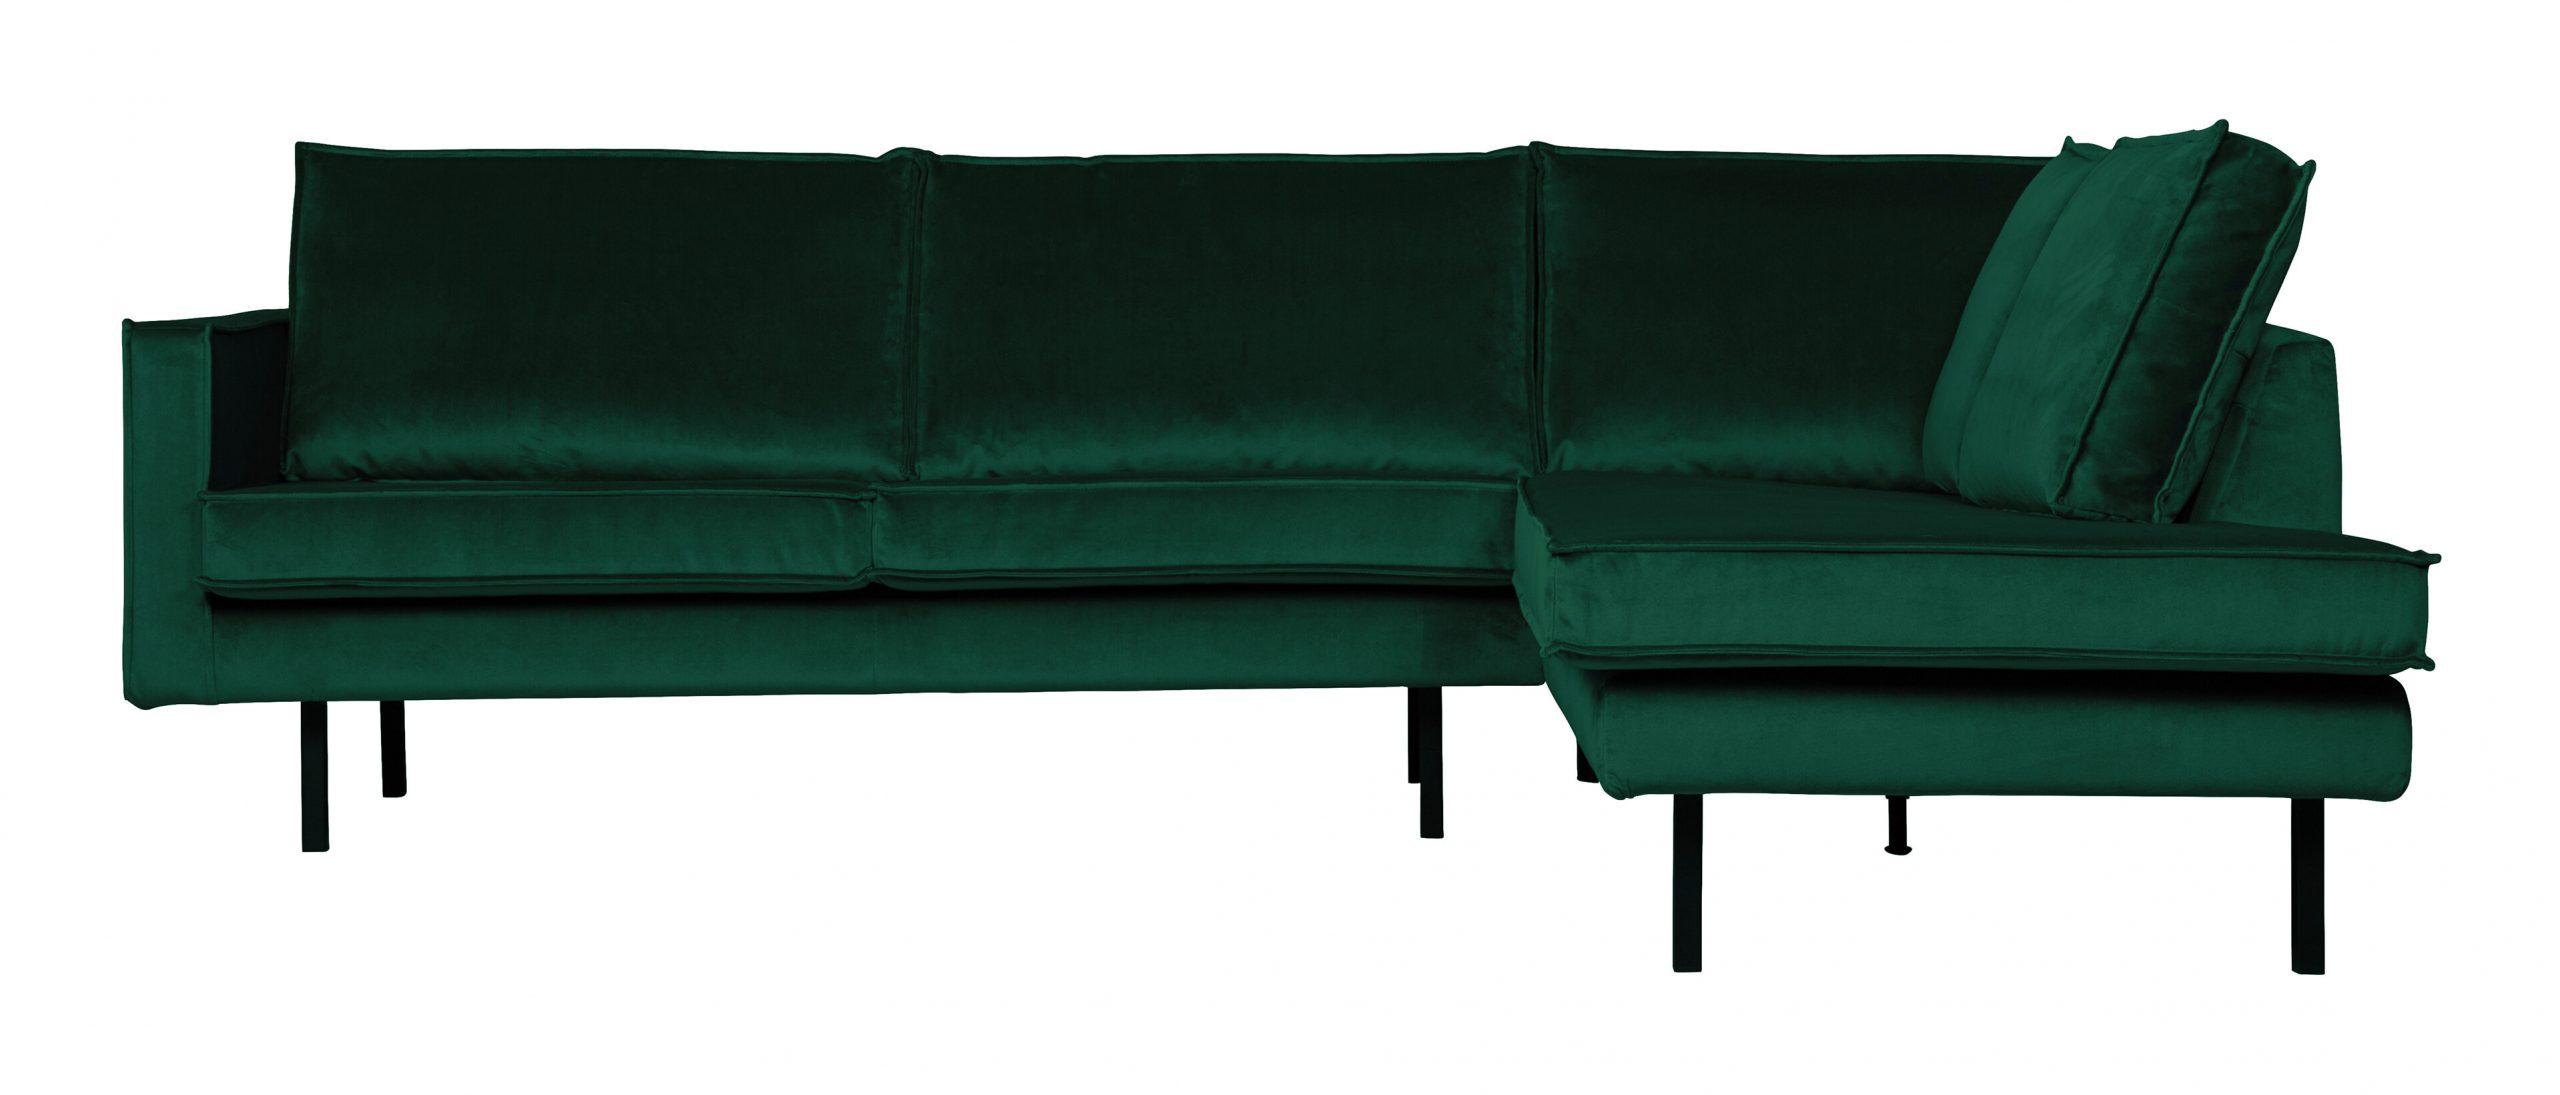 BePureHome Hoekbank 'Rodeo' Rechts, Velvet, kleur Green Forest   BePureHome